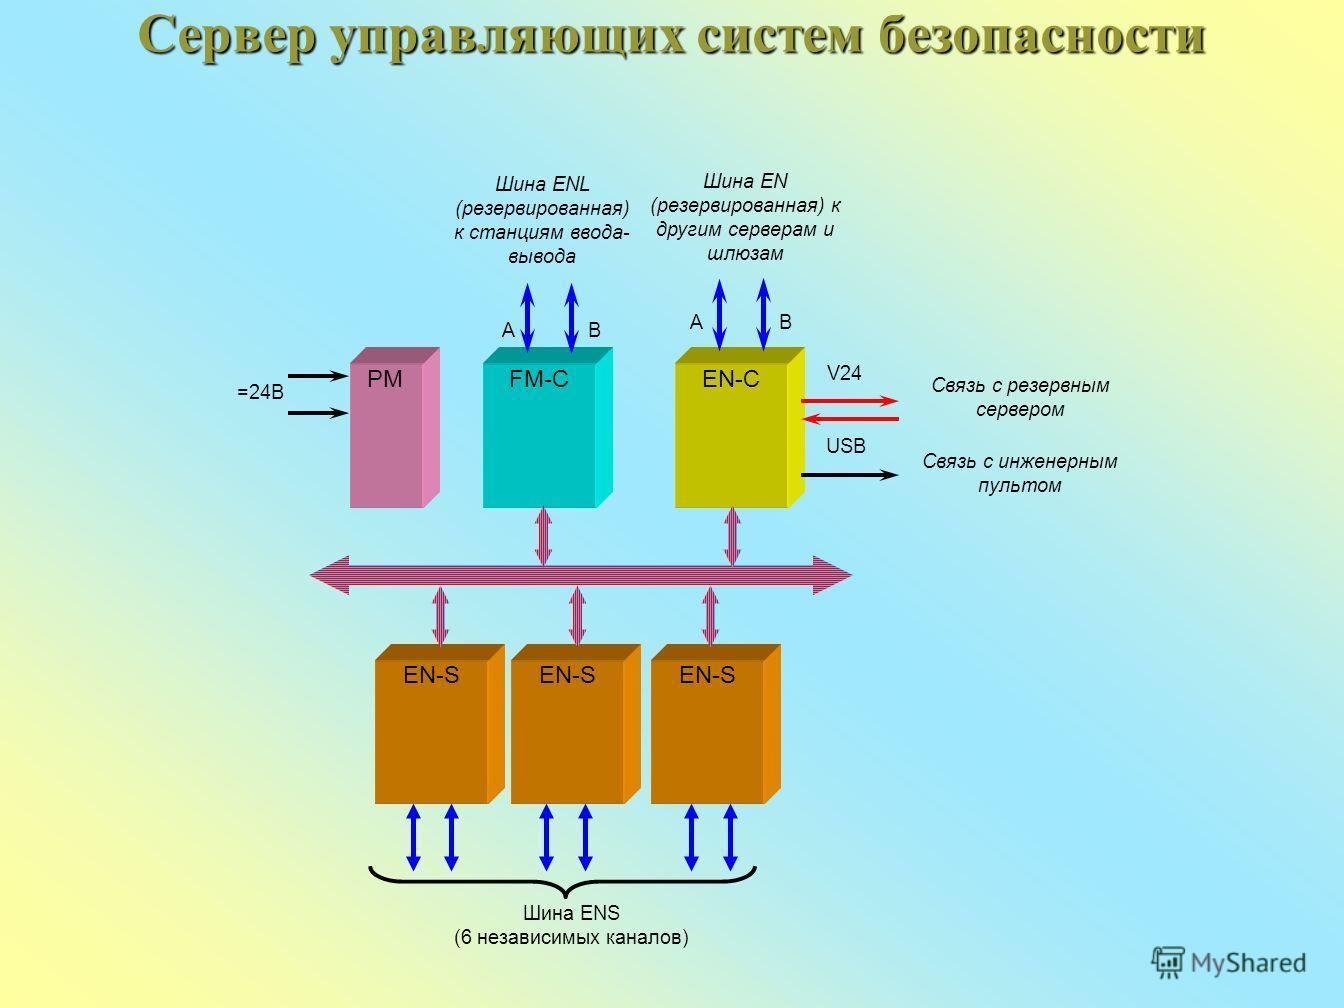 Сервер управляющих систем безопасности Связь с резервным сервером FM-CEN-C Шина EN (резервированная) к другим серверам и шлюзам V24 USB Связь с инженерным пультом AB AB Шина ENL (резервированная) к станциям ввода- вывода PM =24В EN-S Шина ENS (6 неза